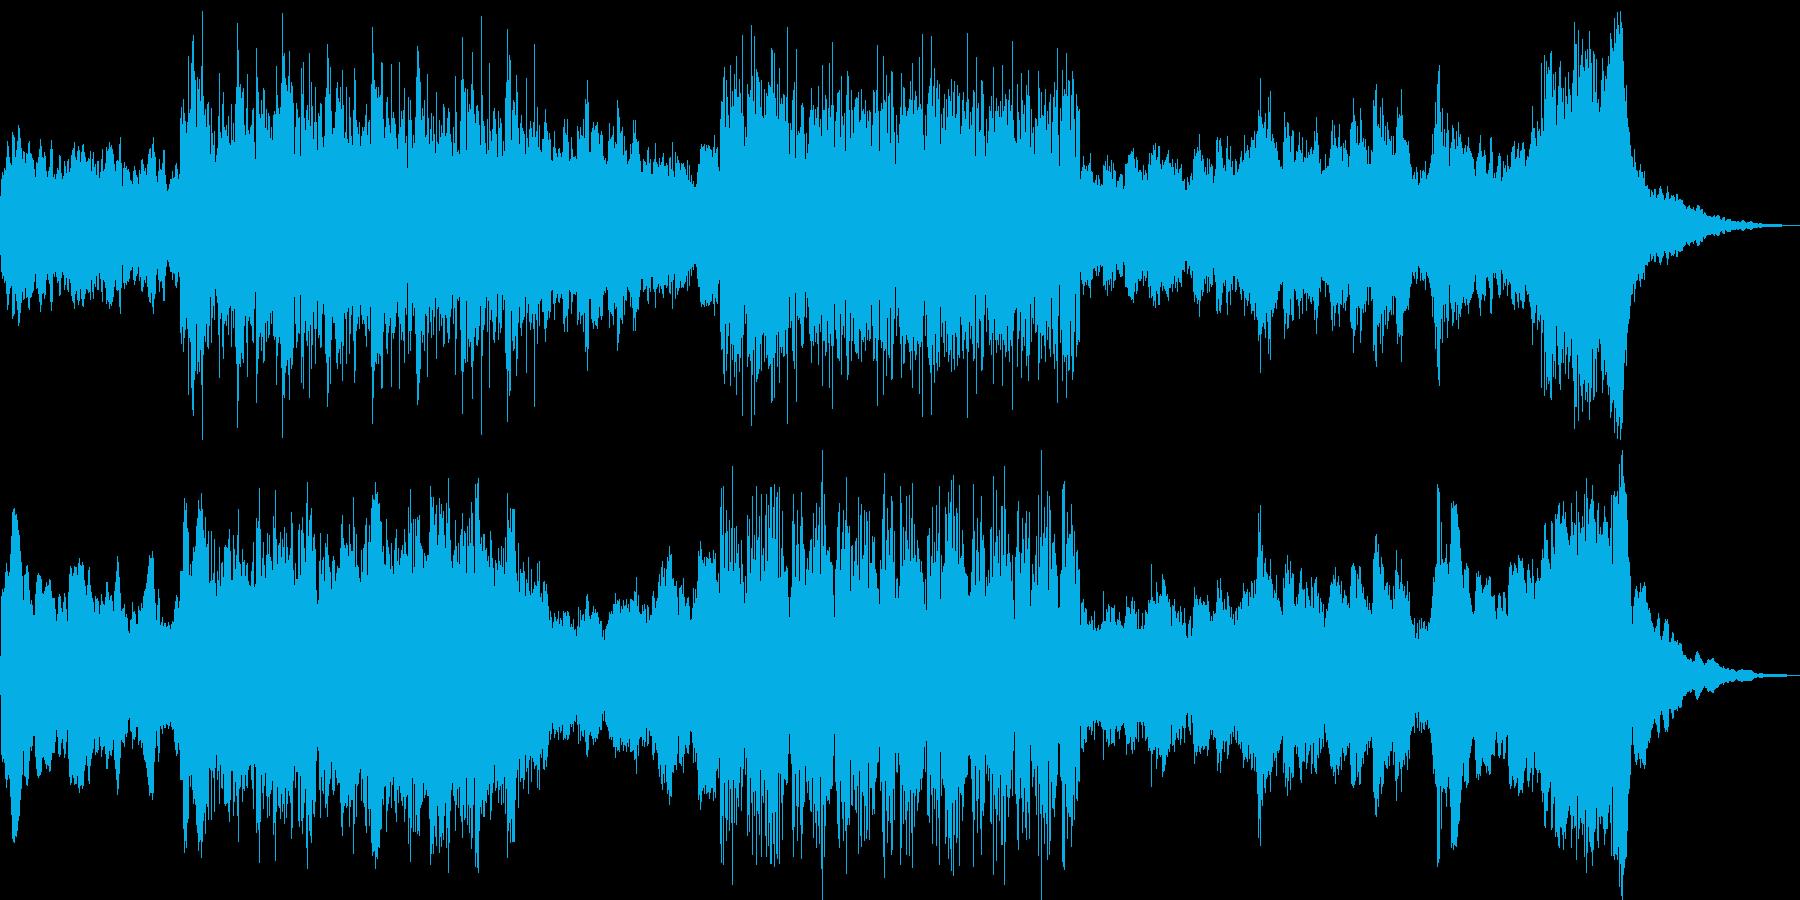 民族楽器とオーケストラのサウンドの再生済みの波形